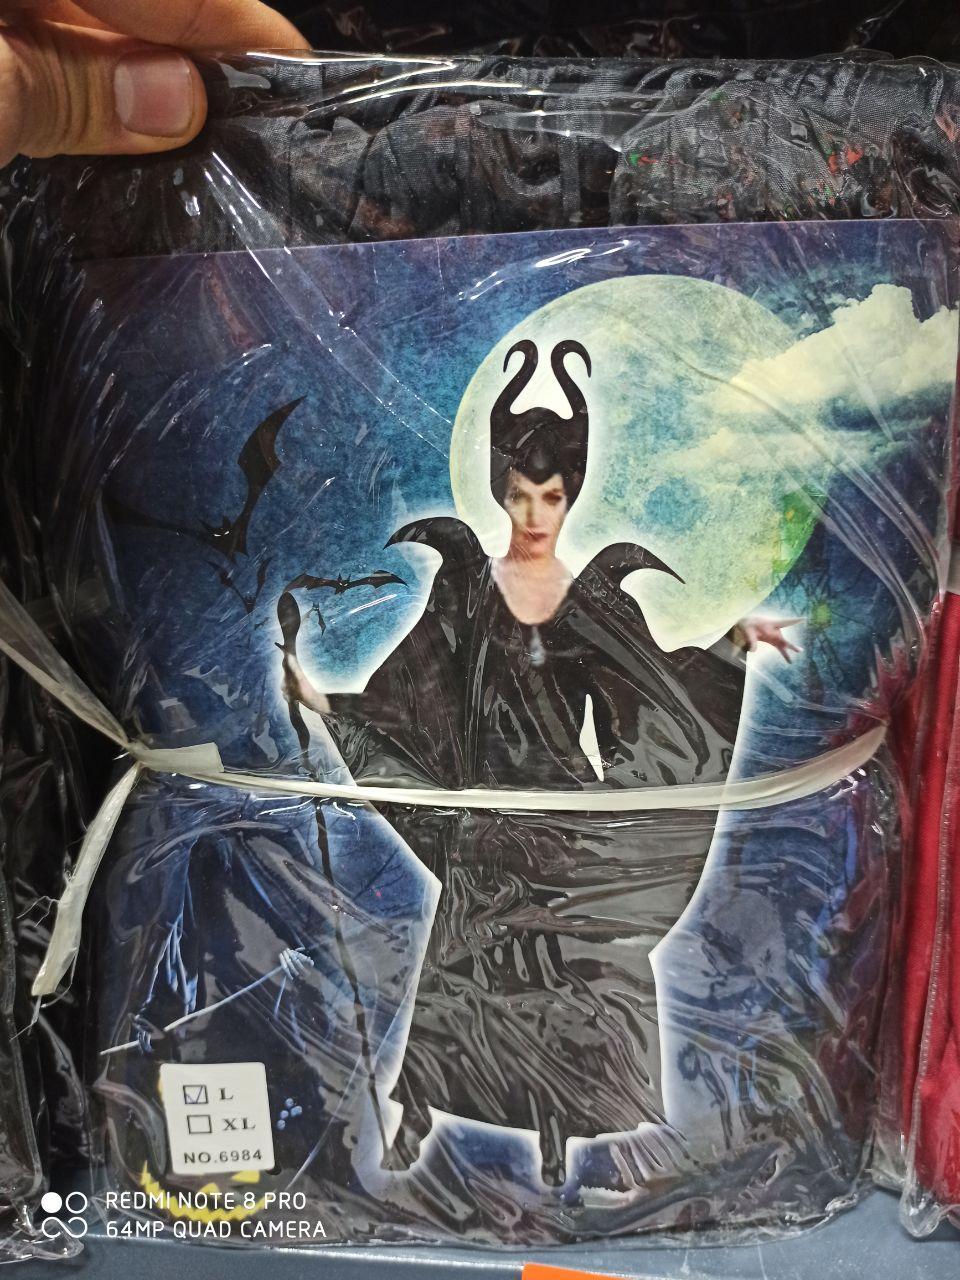 پخش عمده لوازم هالووین لباس هارلی کویین و مالفیسنت